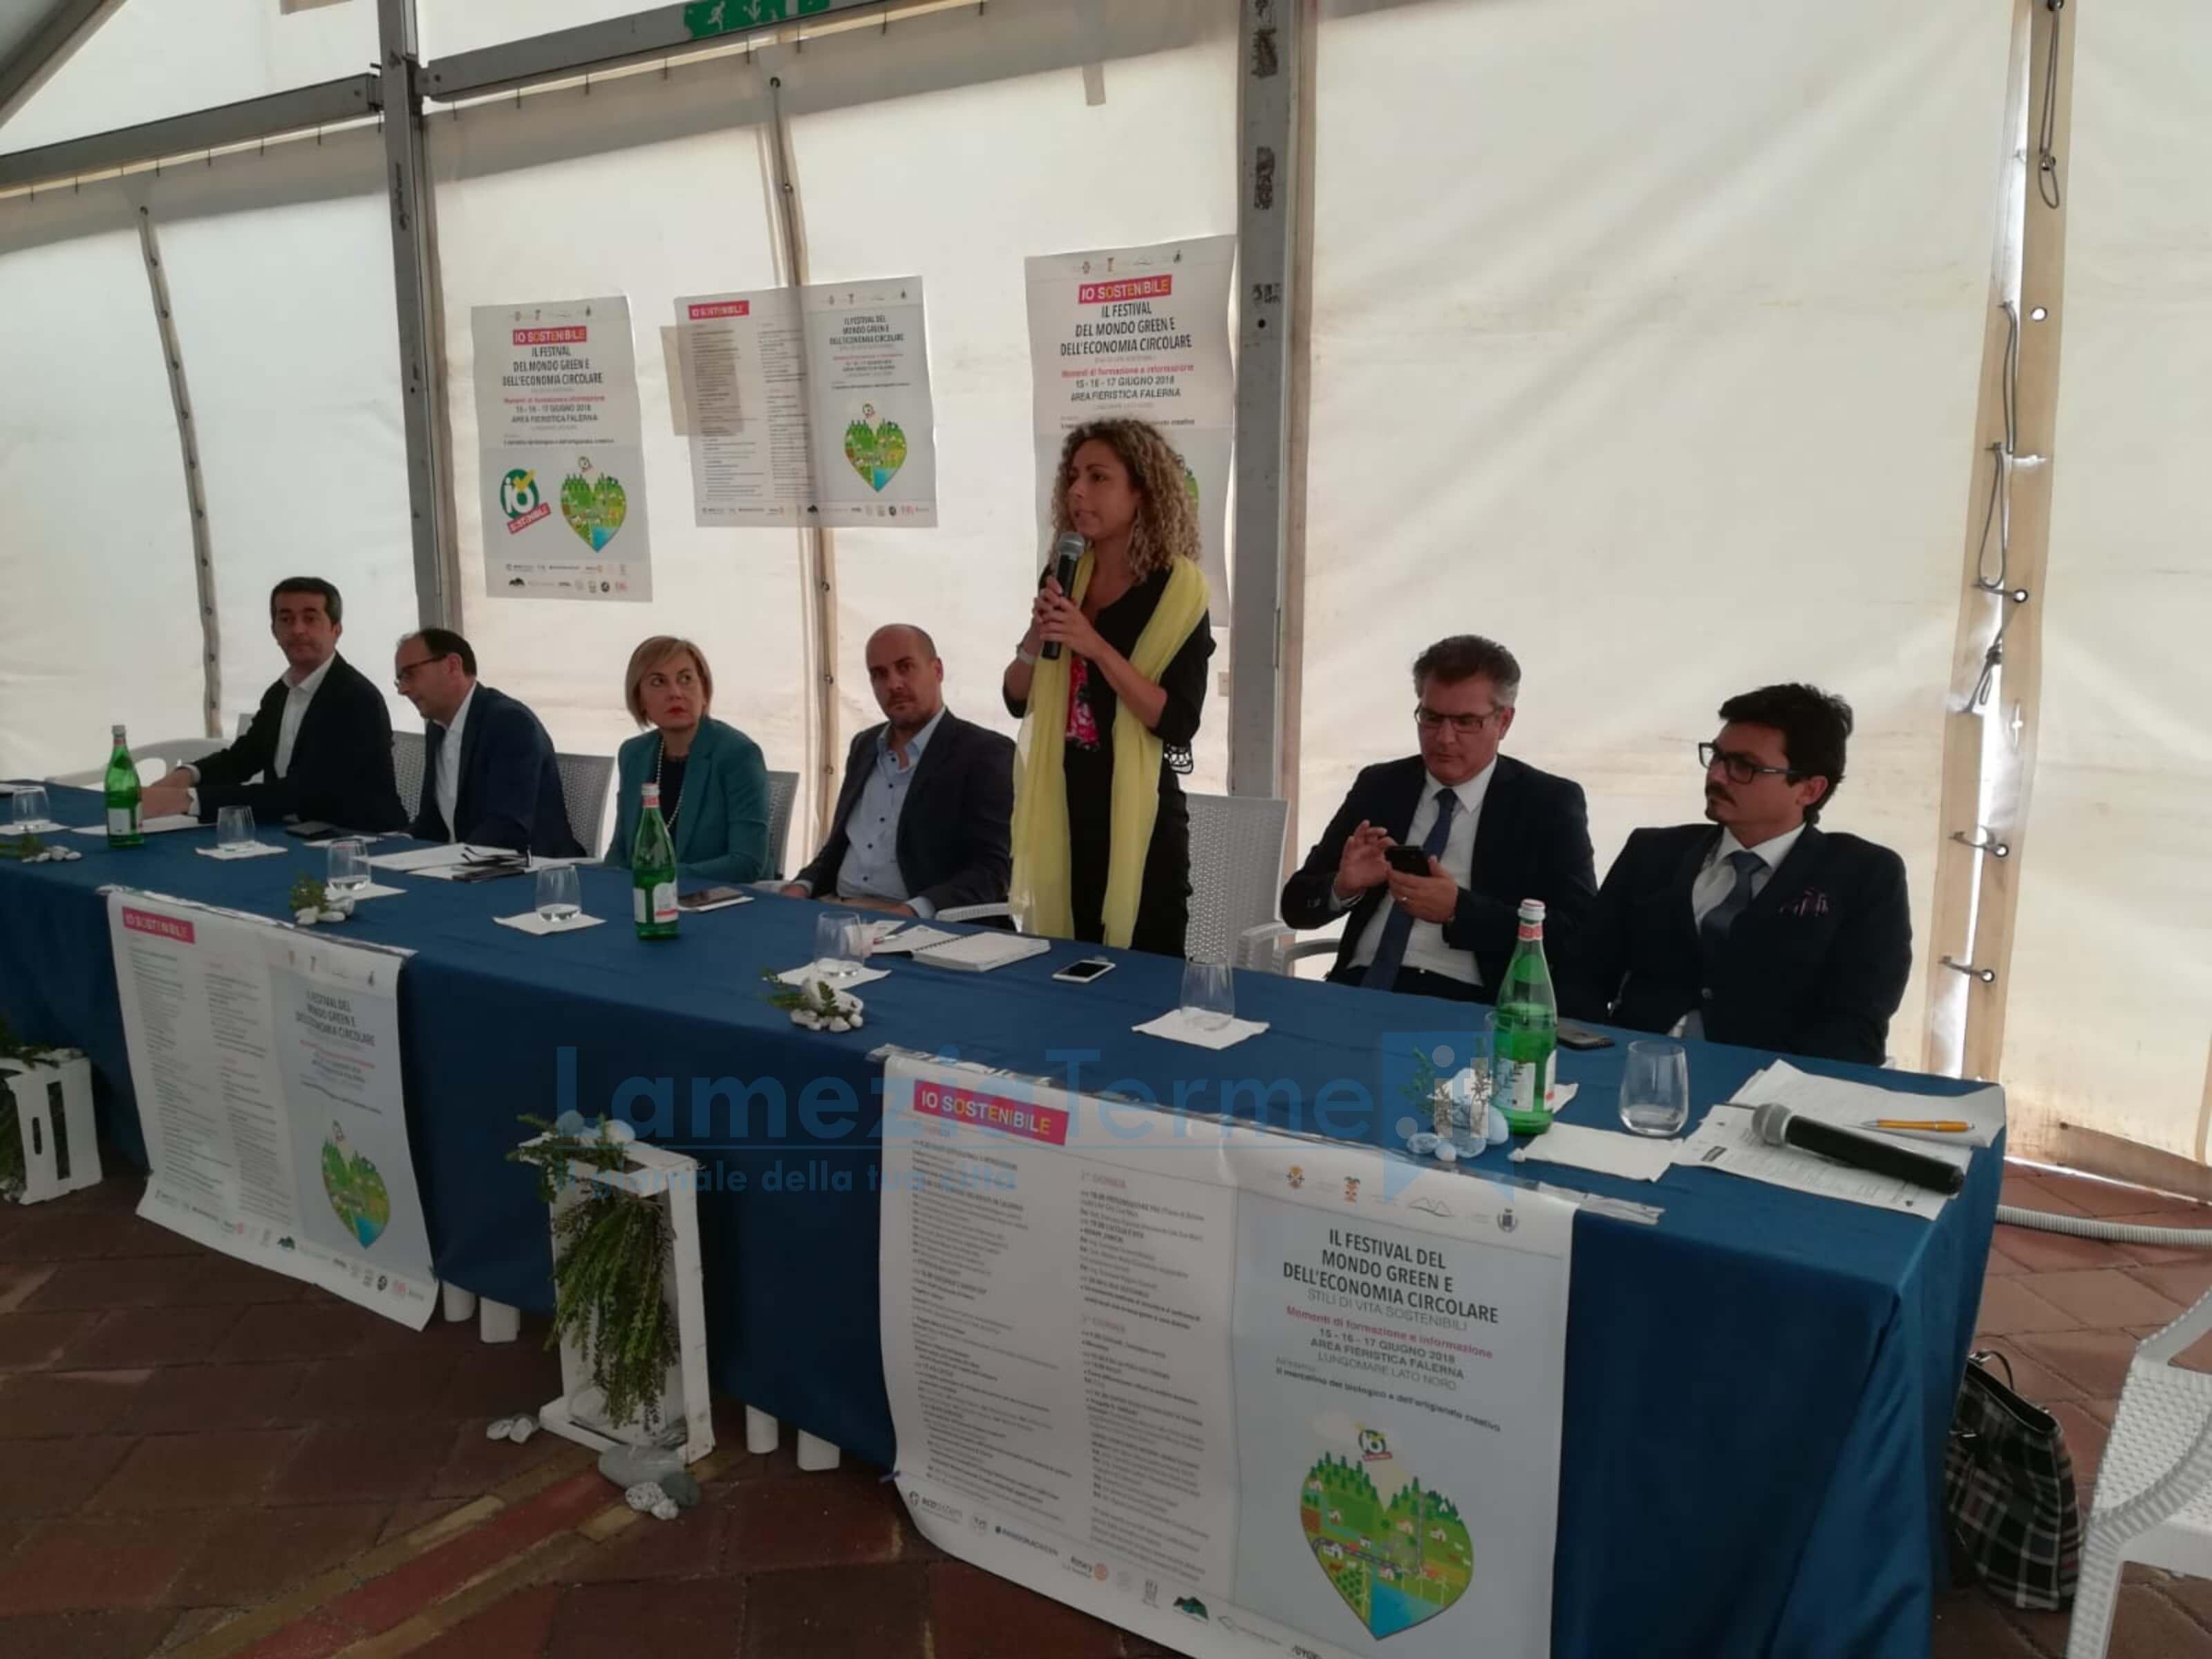 La Regione presente ad Io sostenibile, il festival del mondo green e dell'economia circolare